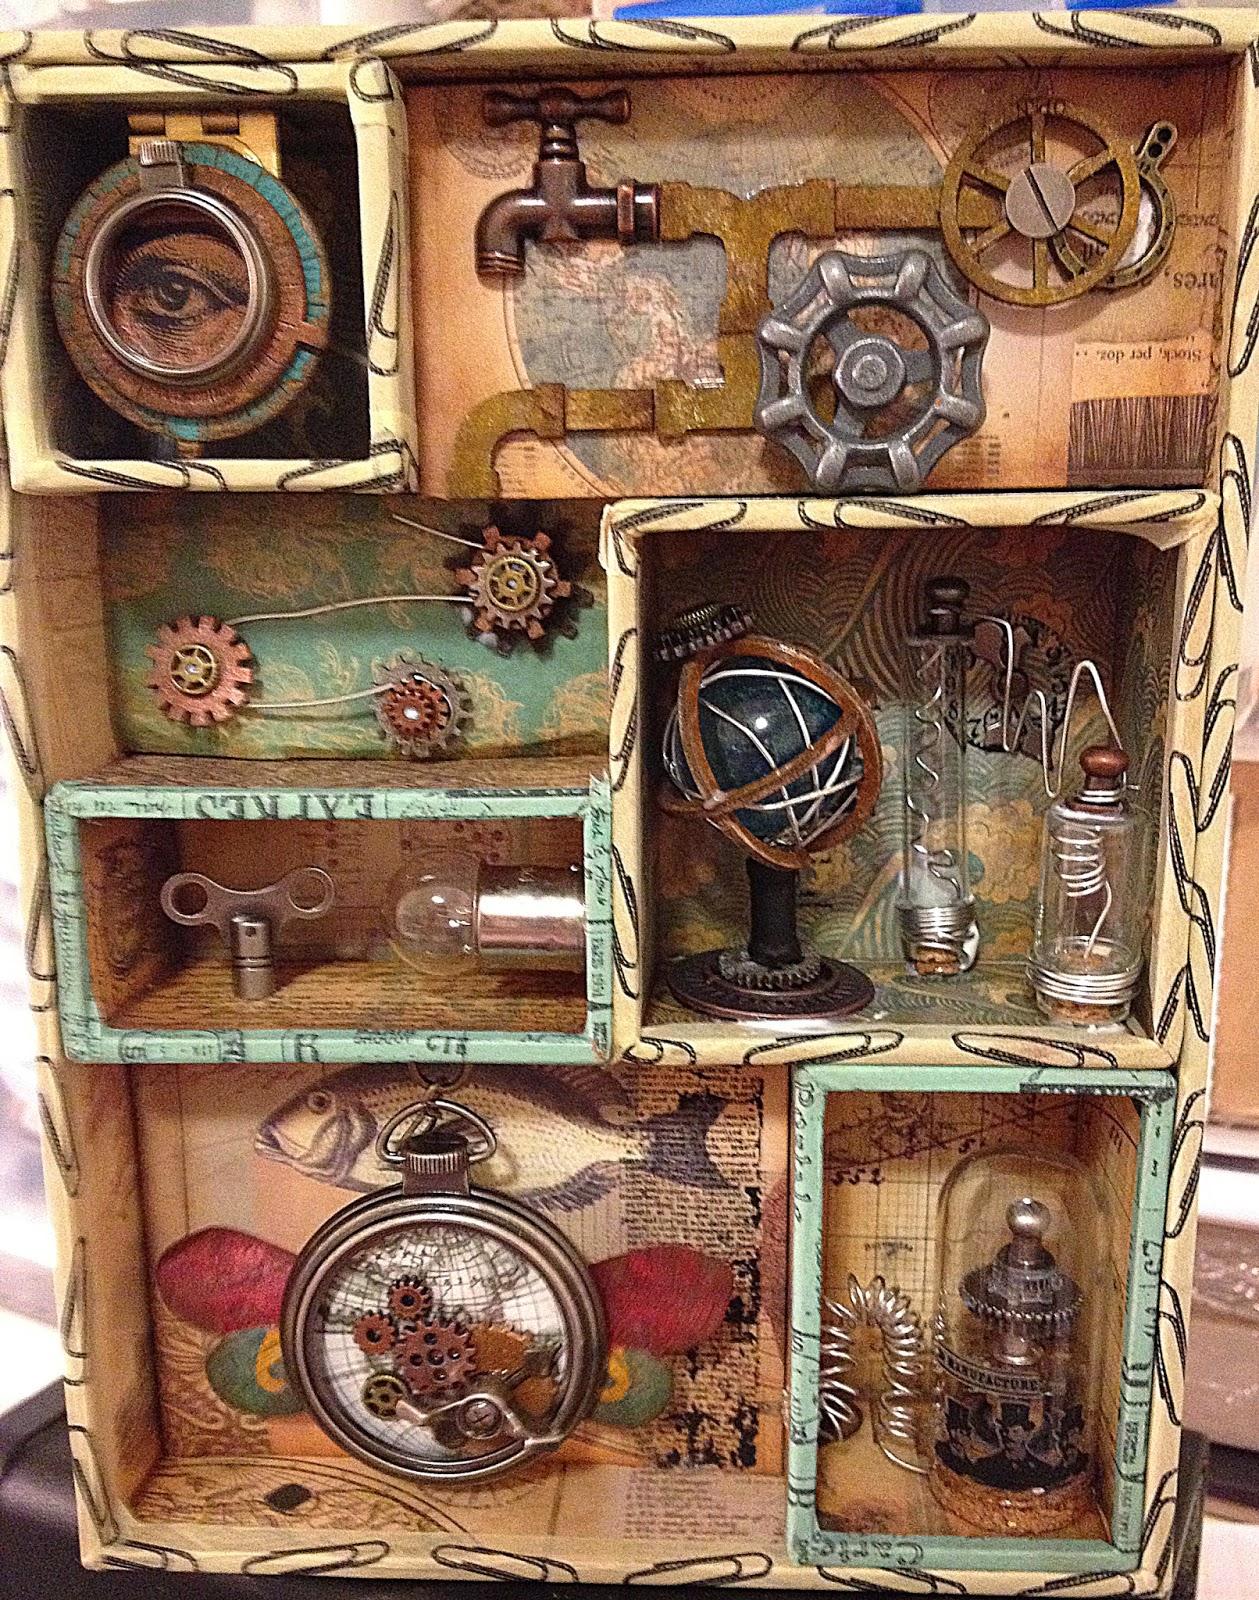 http://boozybear.blogspot.ca/2014/07/sandee-amelies-steamppunk-challenges.html